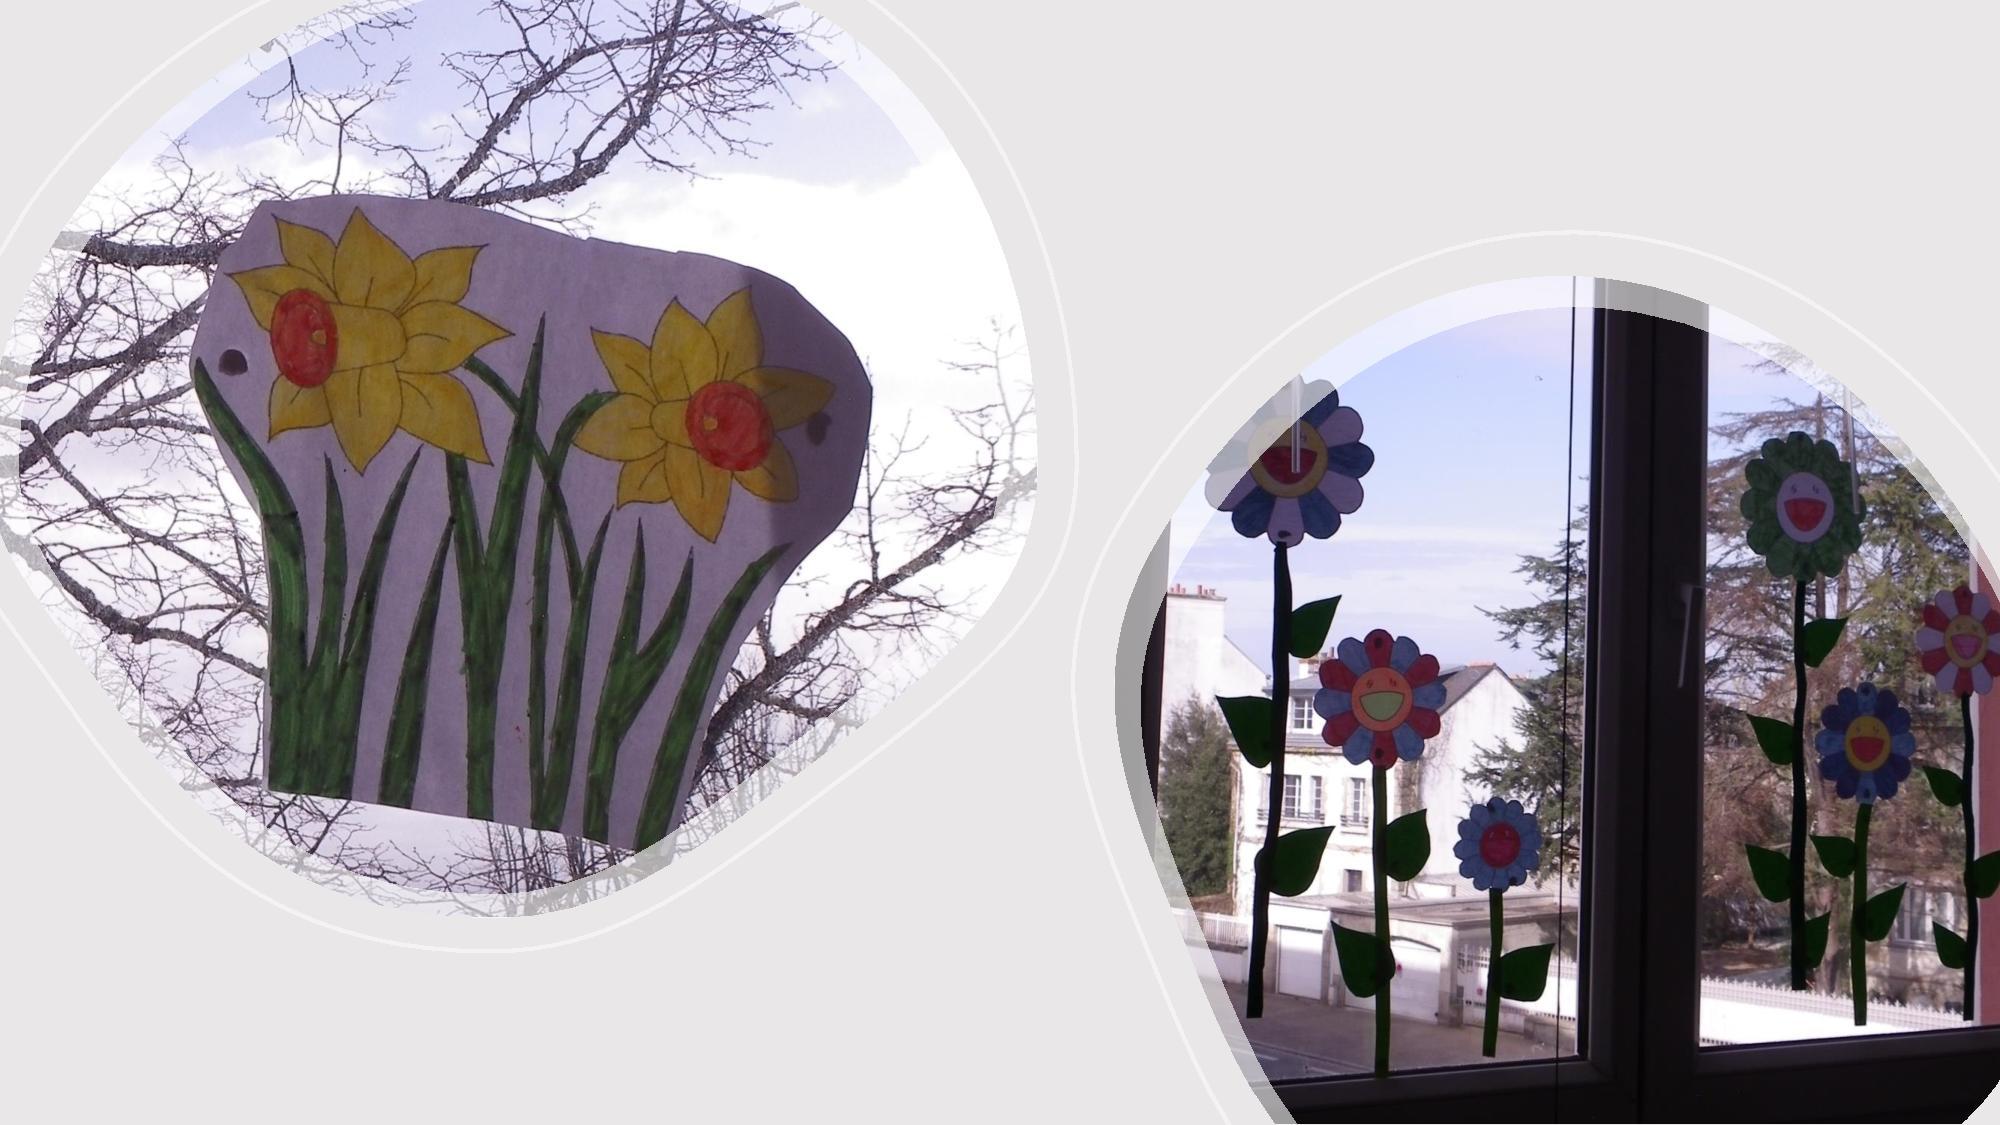 semaine du printemps déco-page-017